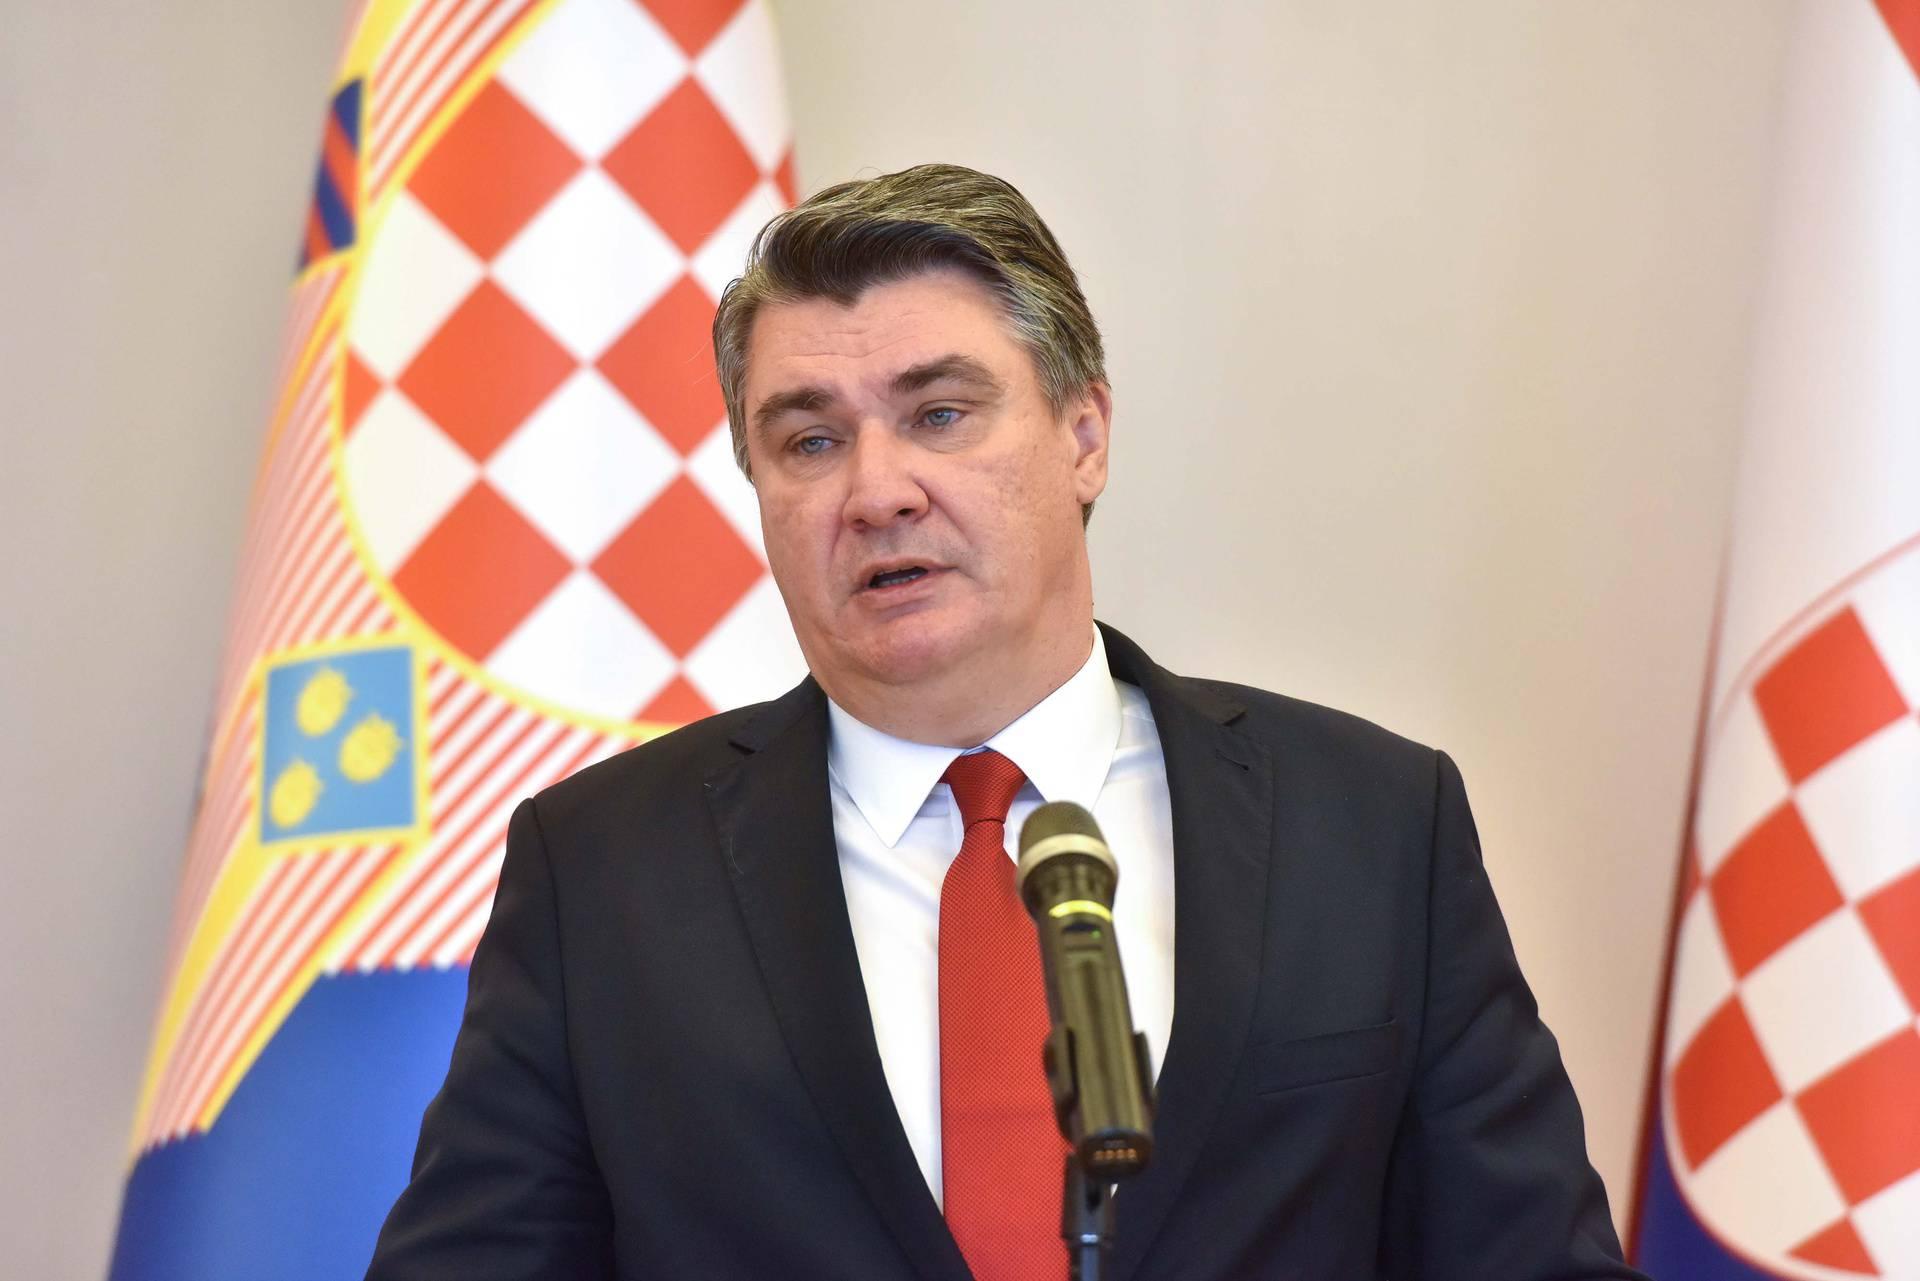 Predsjednik Milanović ugostio izaslanstvo iz Varaždina